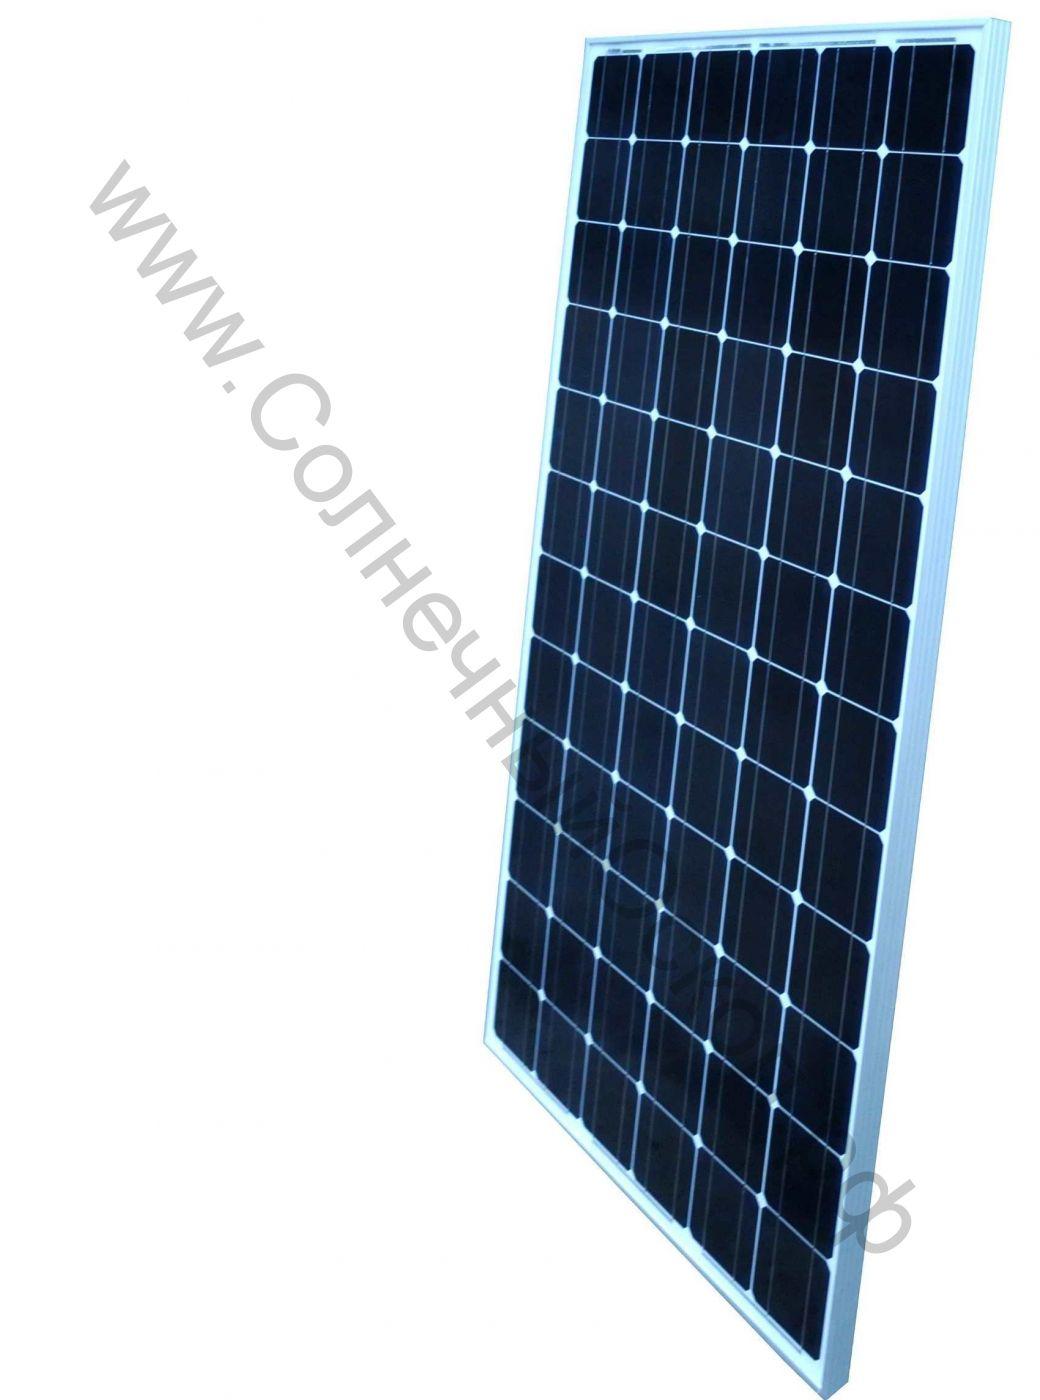 Монокристаллическая солнечная панель WDNY-205C